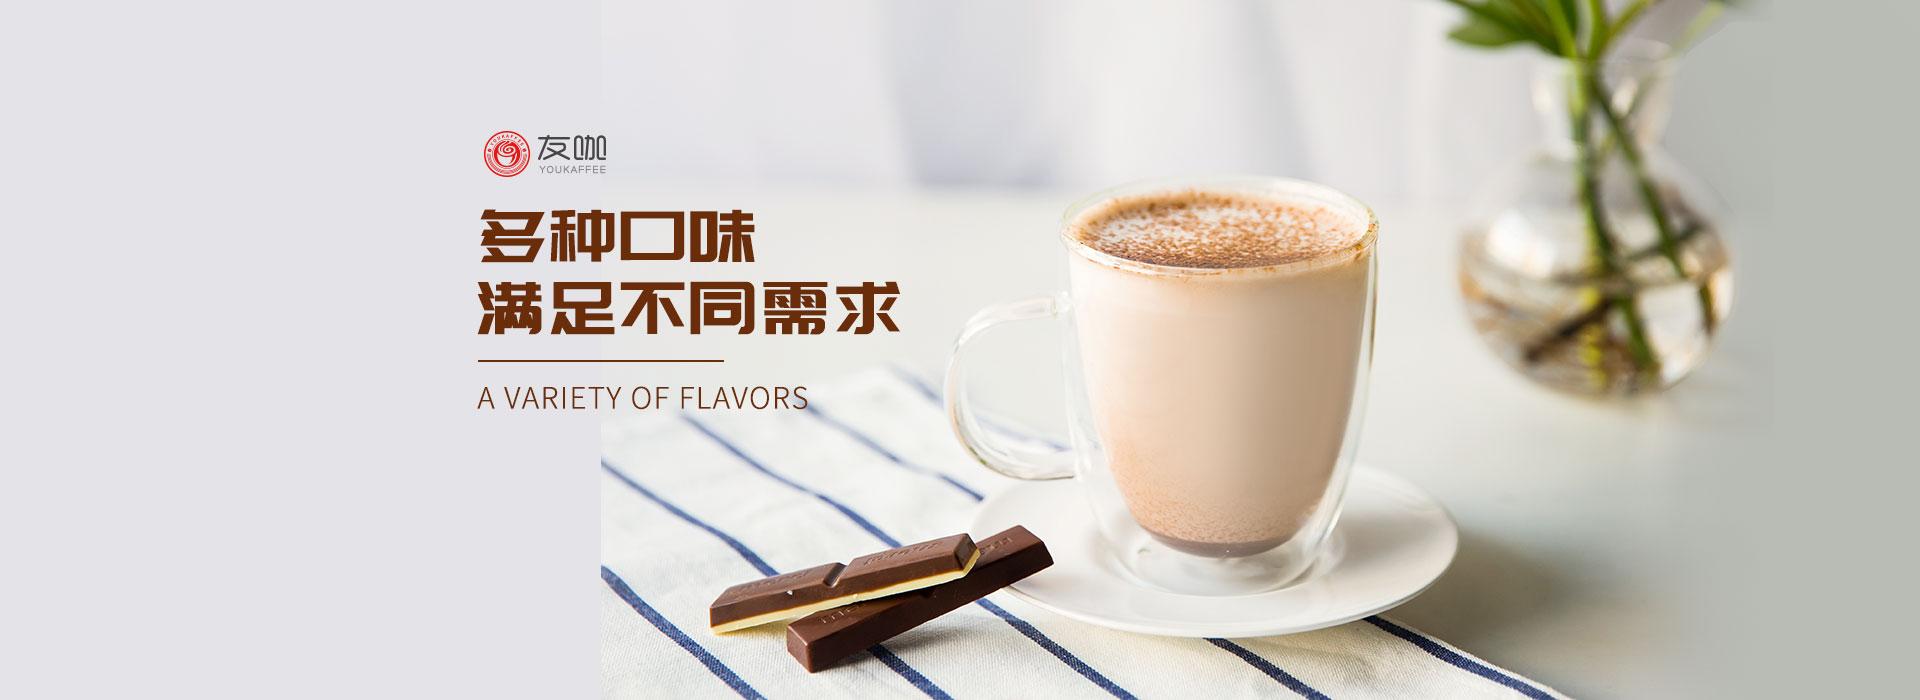 友咖啡_牛奶